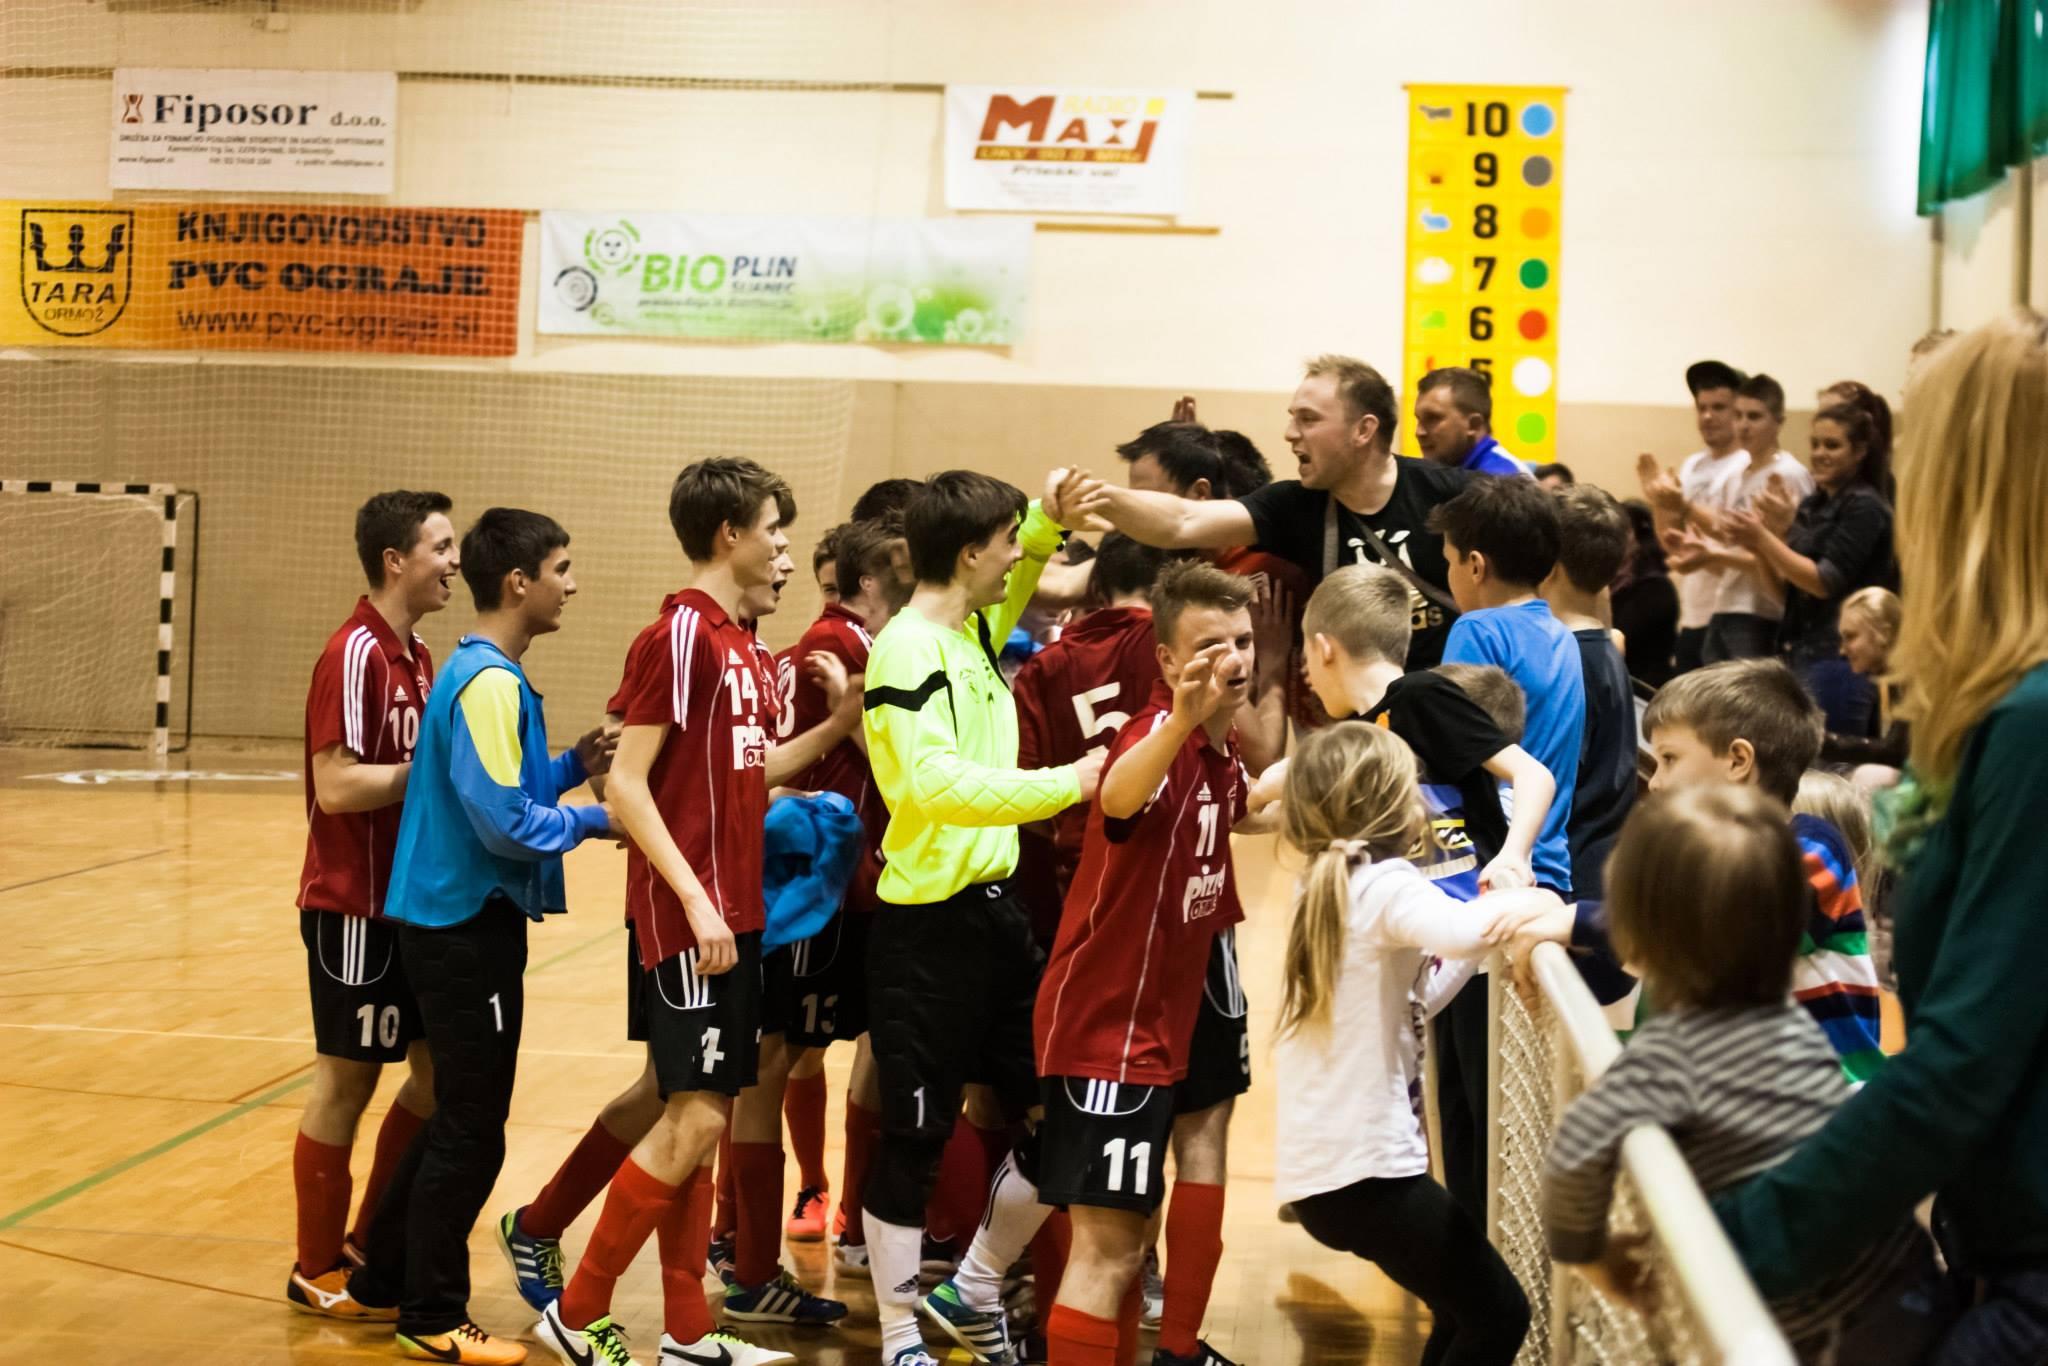 """FUTSAL, DP U18, polfinale, povratna tekma: """"Ne braniti prednosti, ampak še enkrat zmagati"""""""